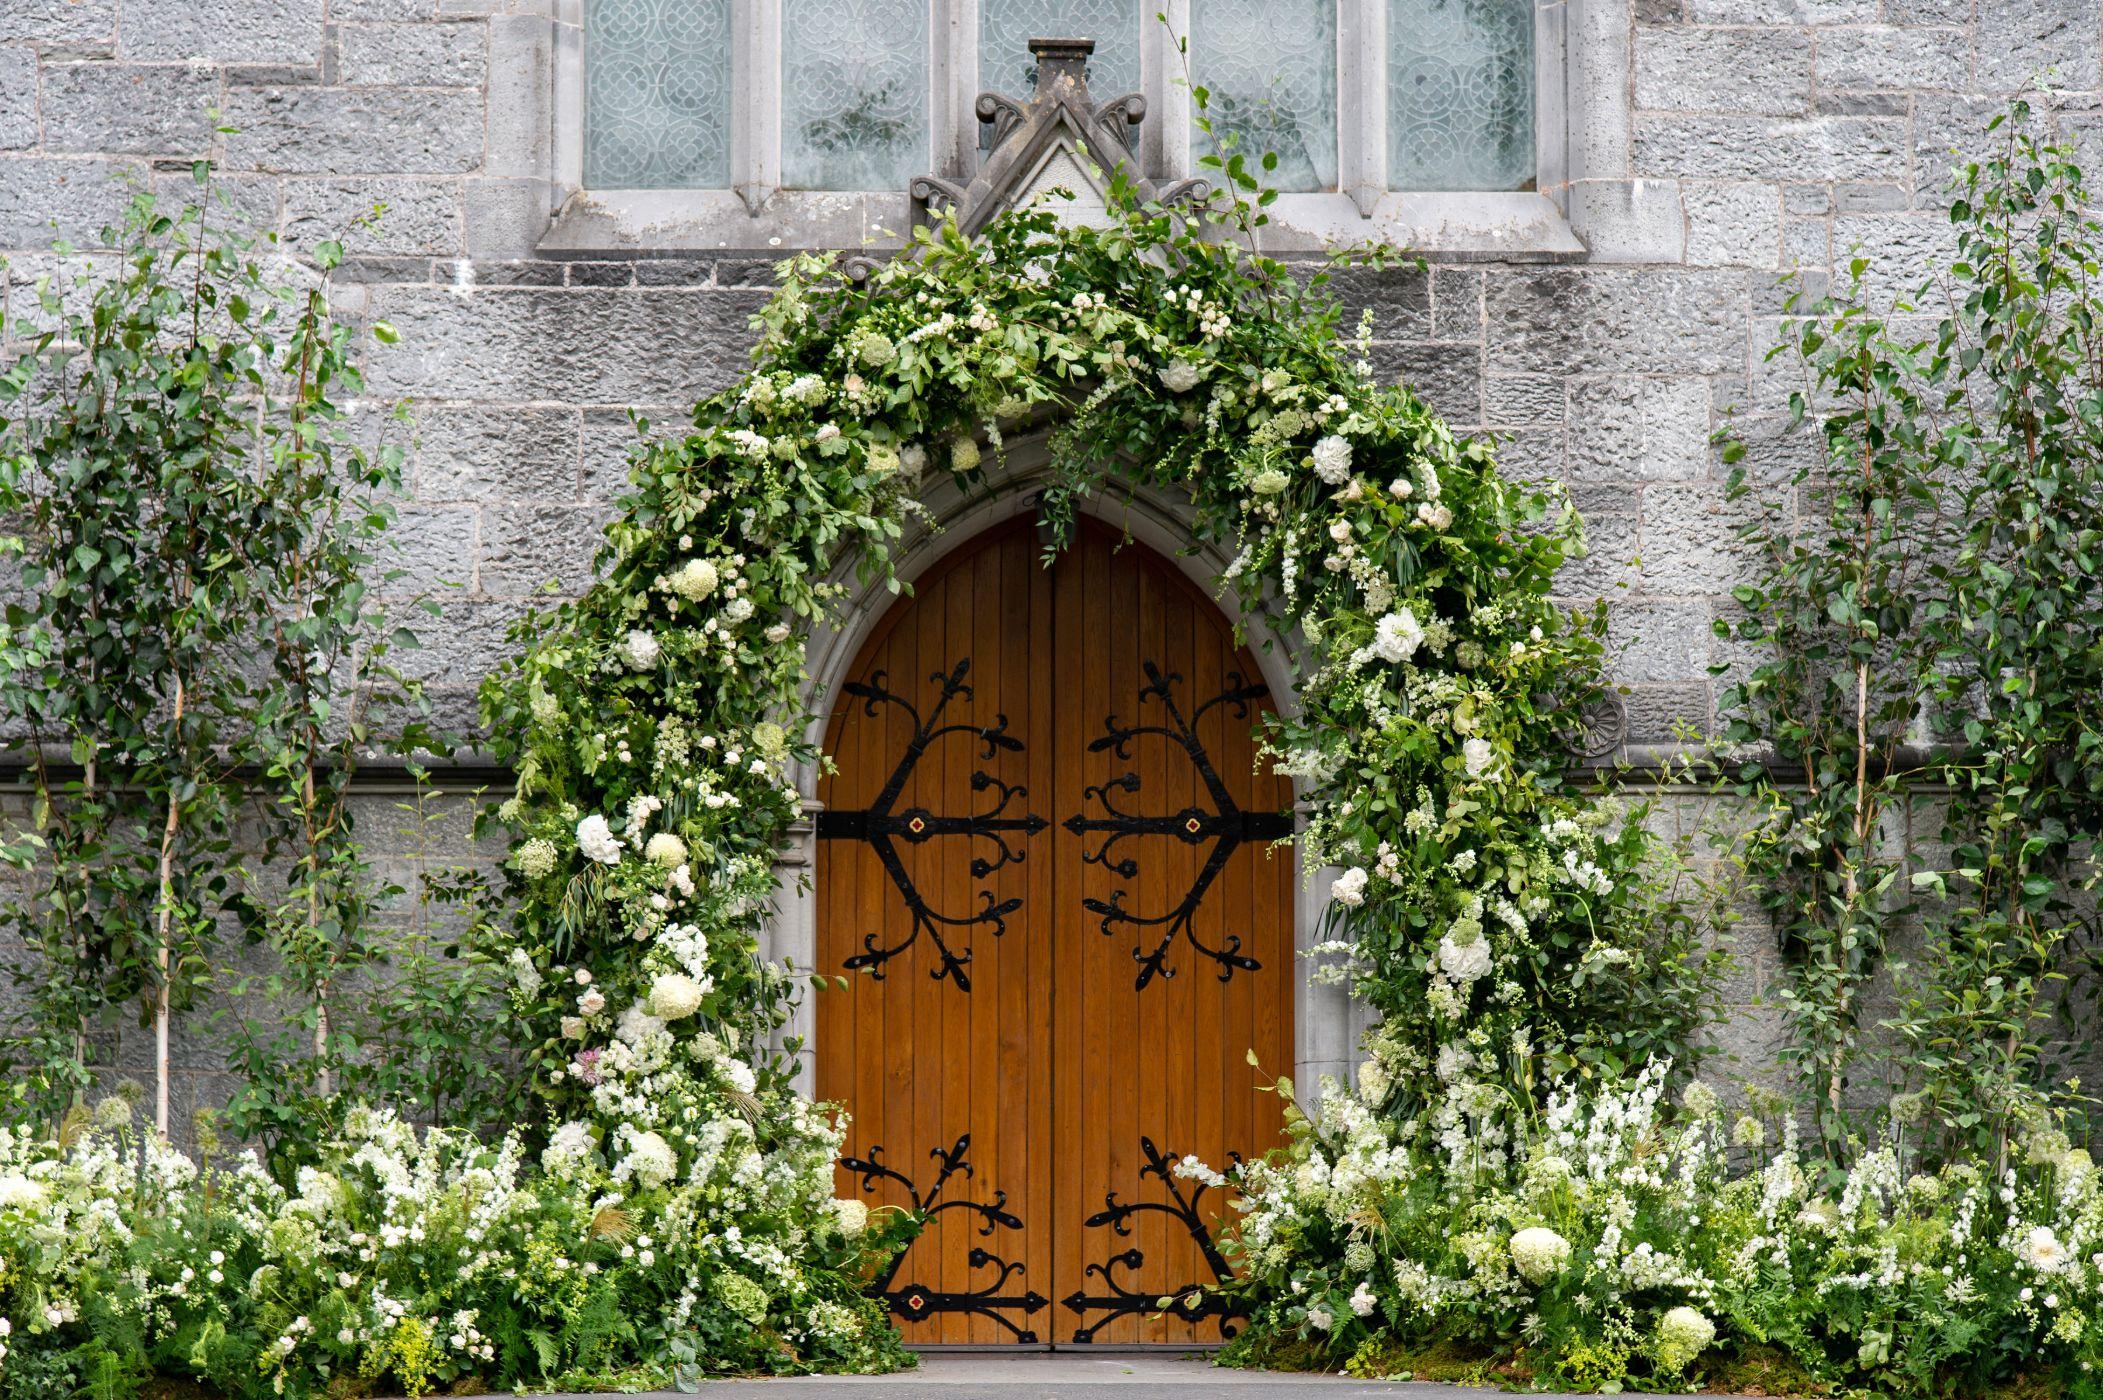 Arch over chapel door before Ireland wedding.